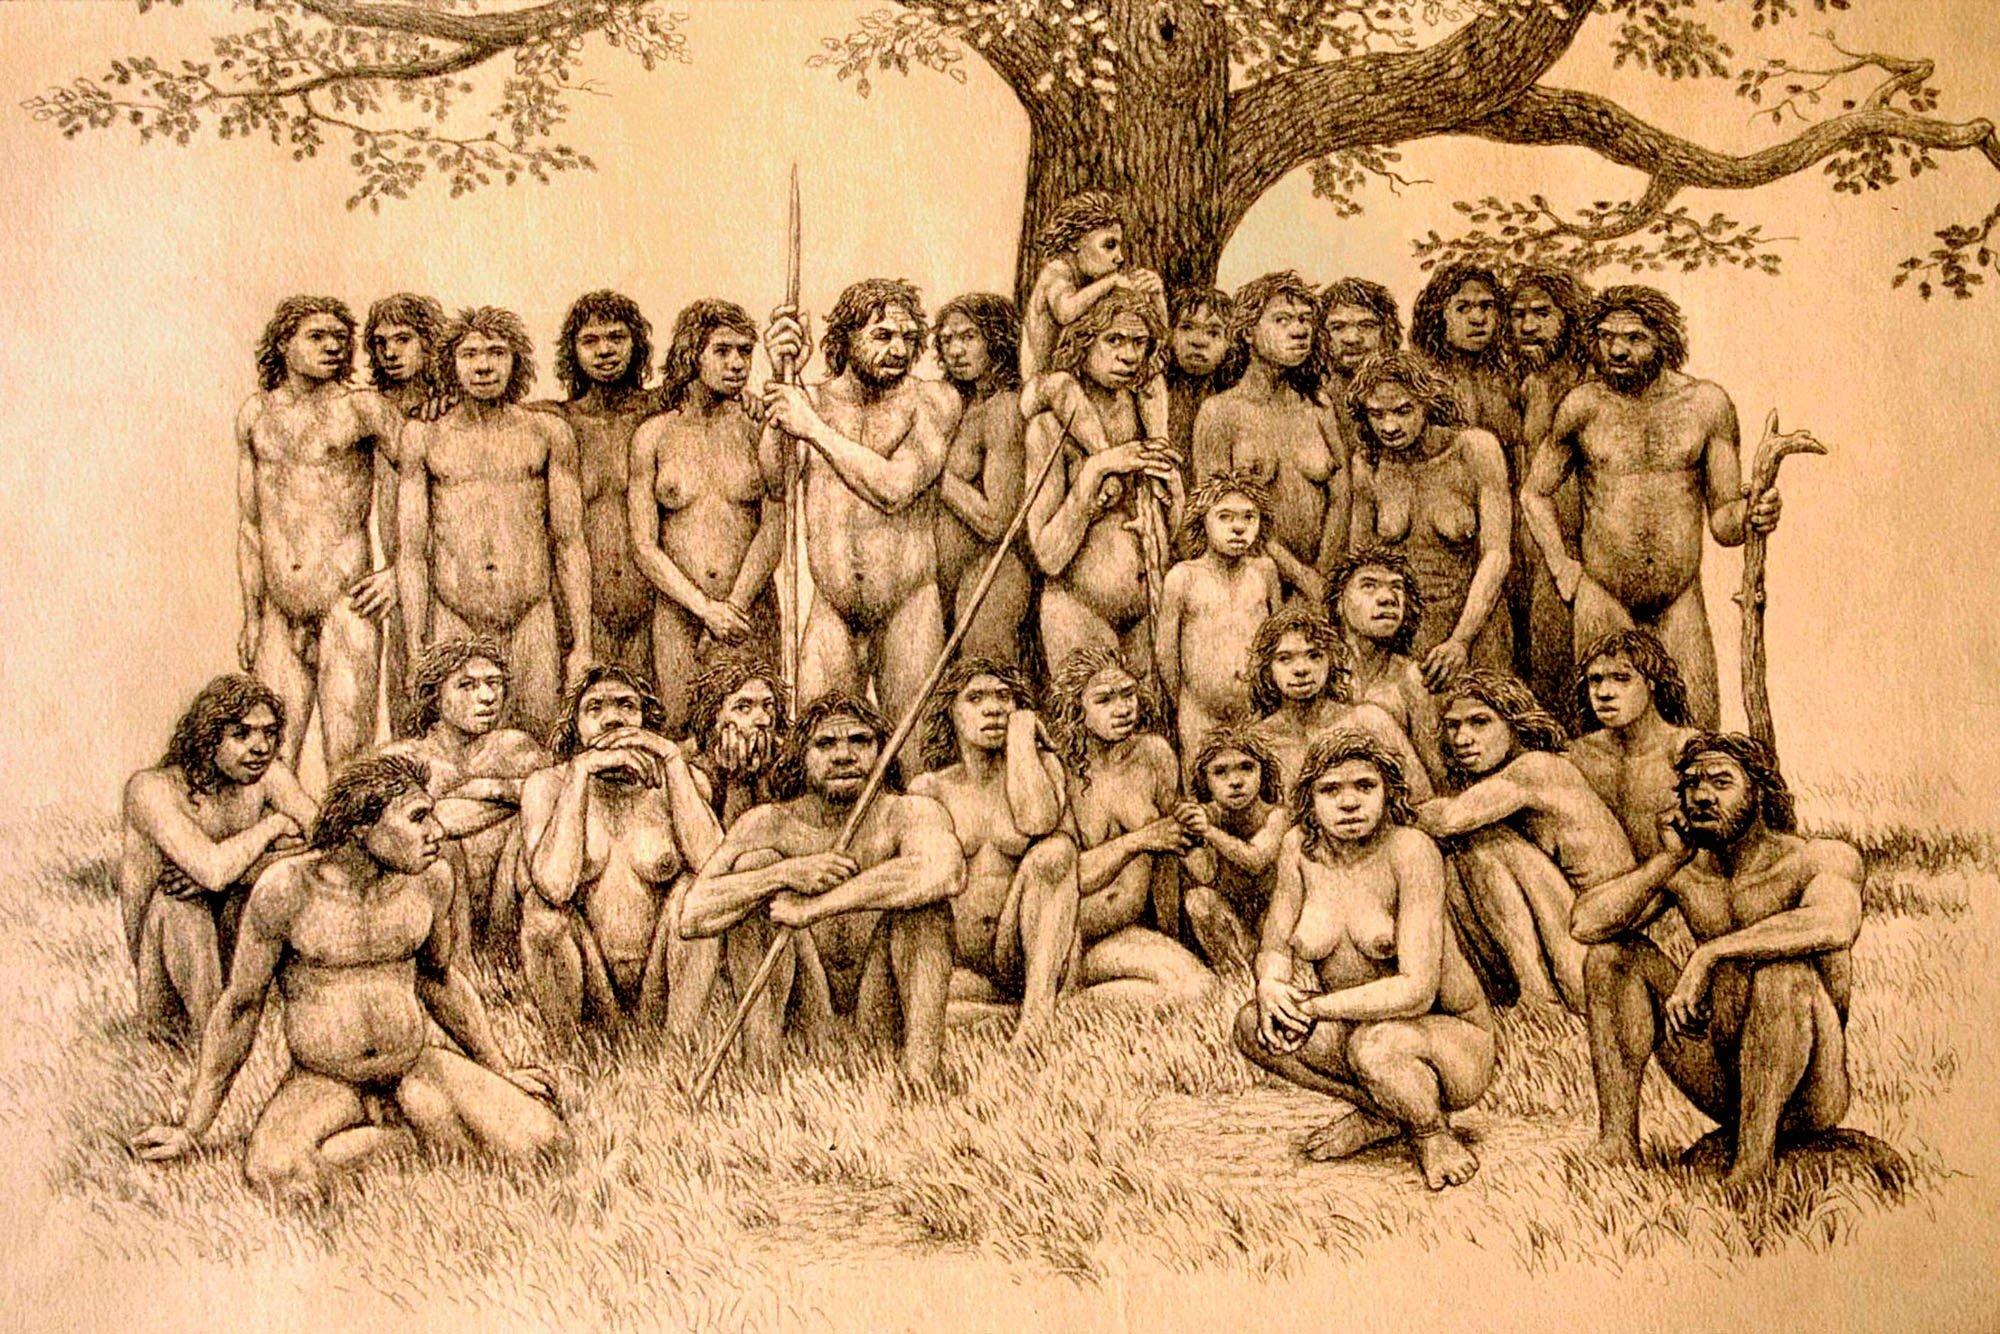 Homo heidelbergensis group, Atapuerca, by artist Mauricio Antón. From http://www.nationalgeographic.com.es/historia/grandes-reportajes/atapuerca-la-cunade-los-humanos-mas-antiguos-de-europa_7021/3